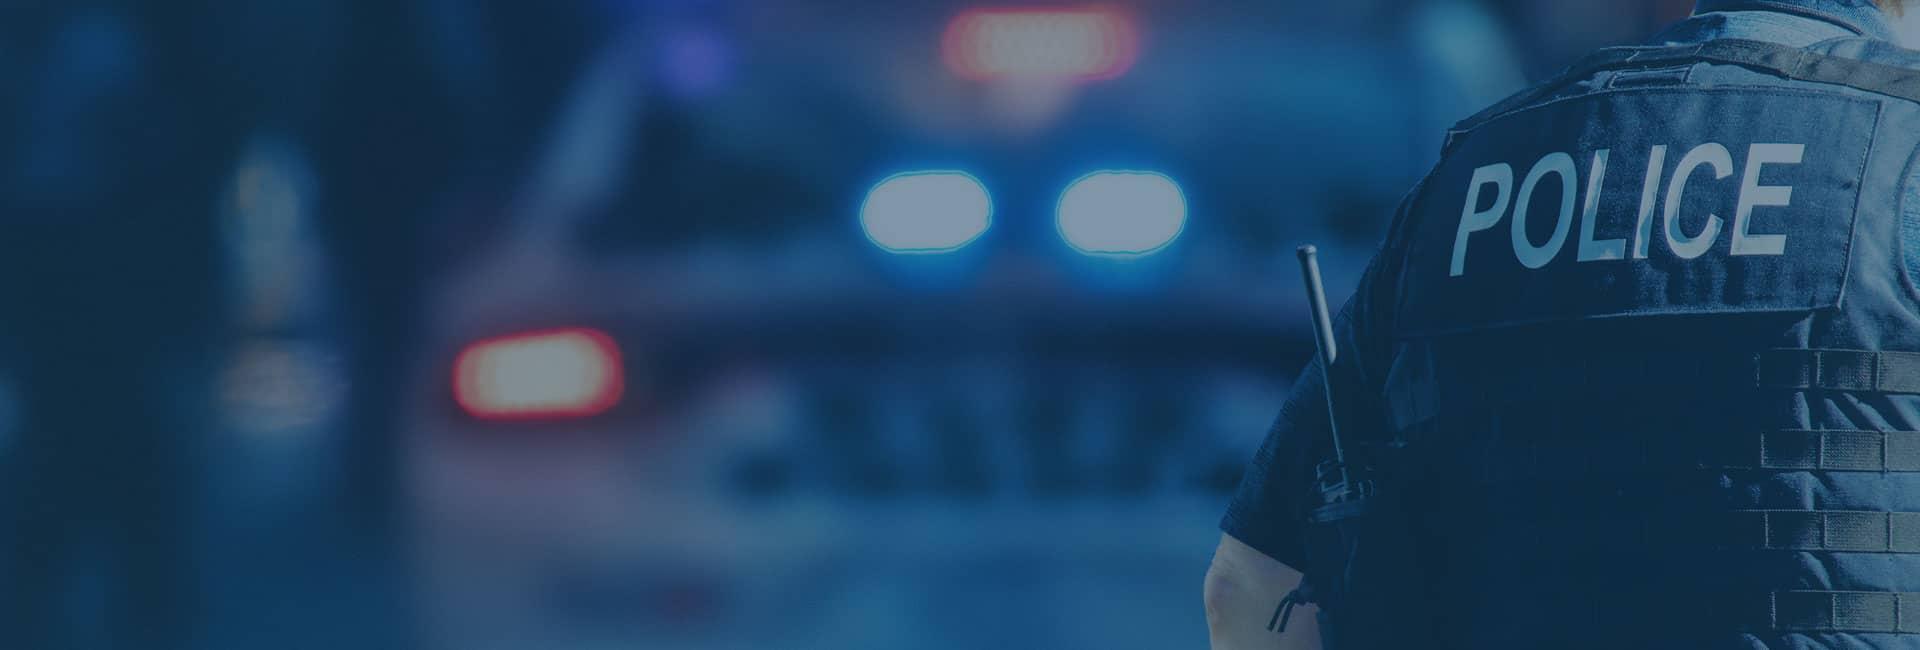 Compliance Solutions for Law Enforcement PRR